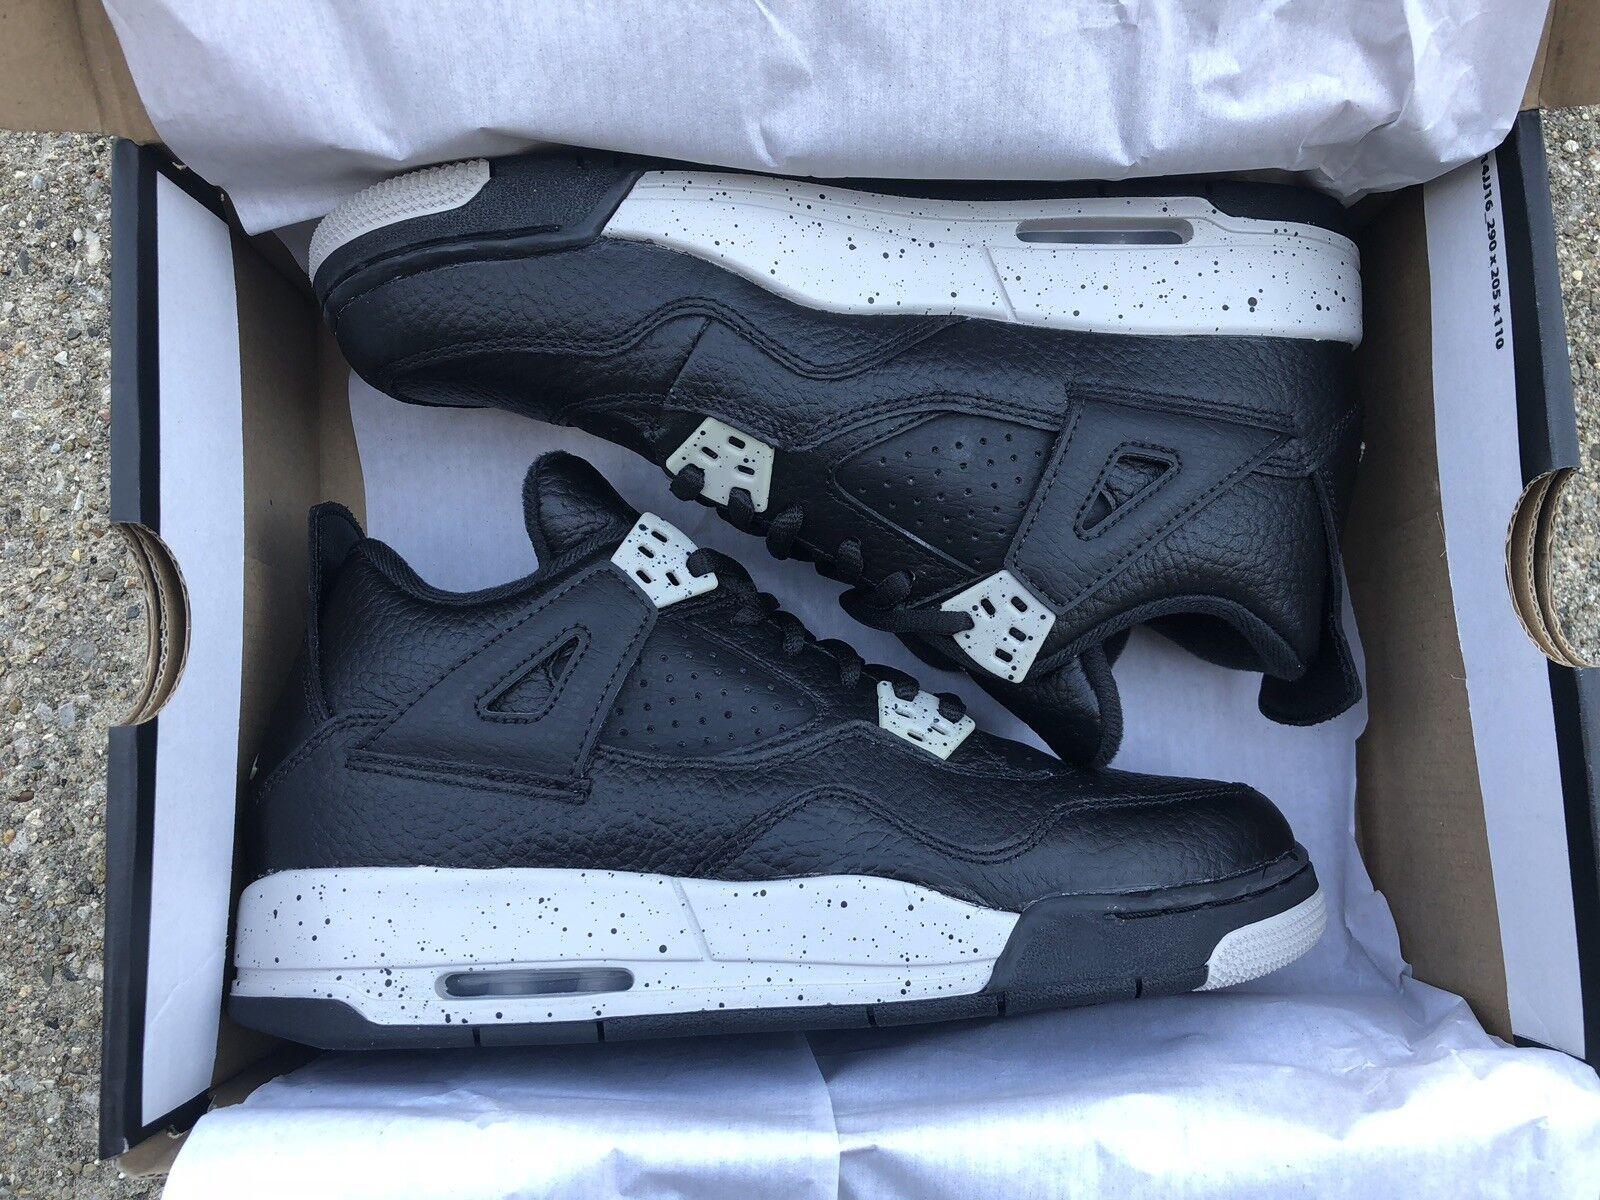 e9df4c469f Air Jordan Retro Oreo 5.5 Woman's US 4 neihtb1876-Athletic Shoes